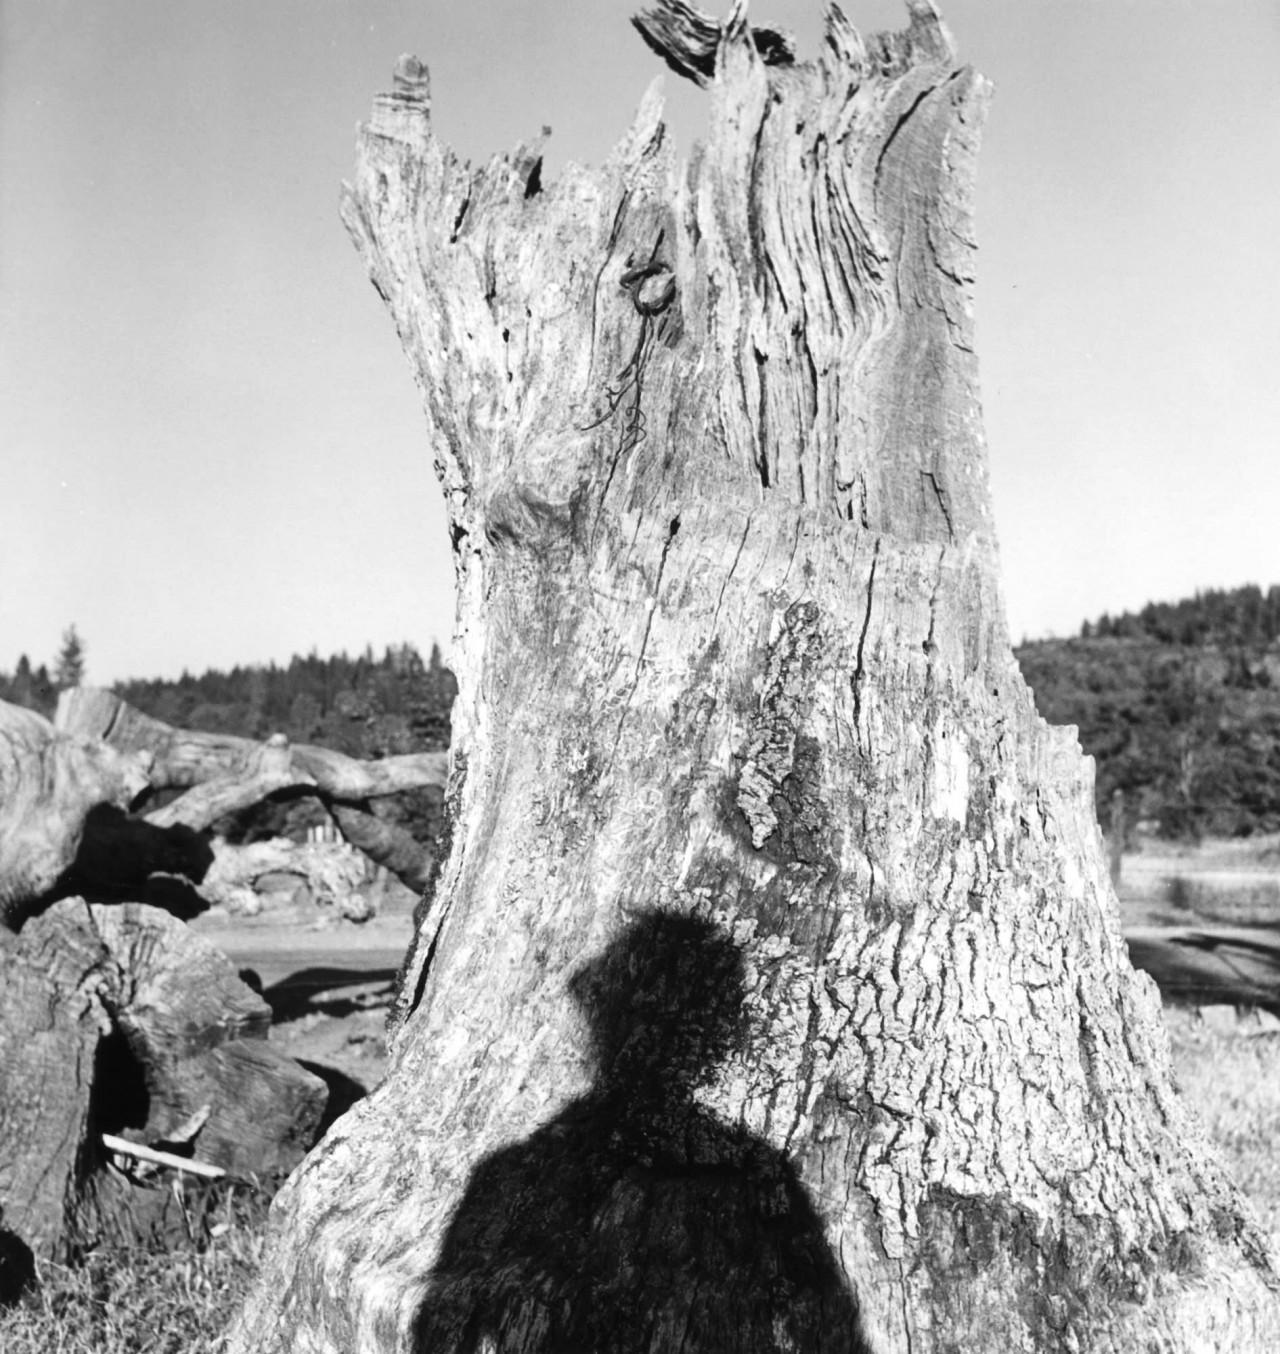 Автопортрет в Грэйс-Вэлли, 1946. Фотограф Имоджен Каннингем